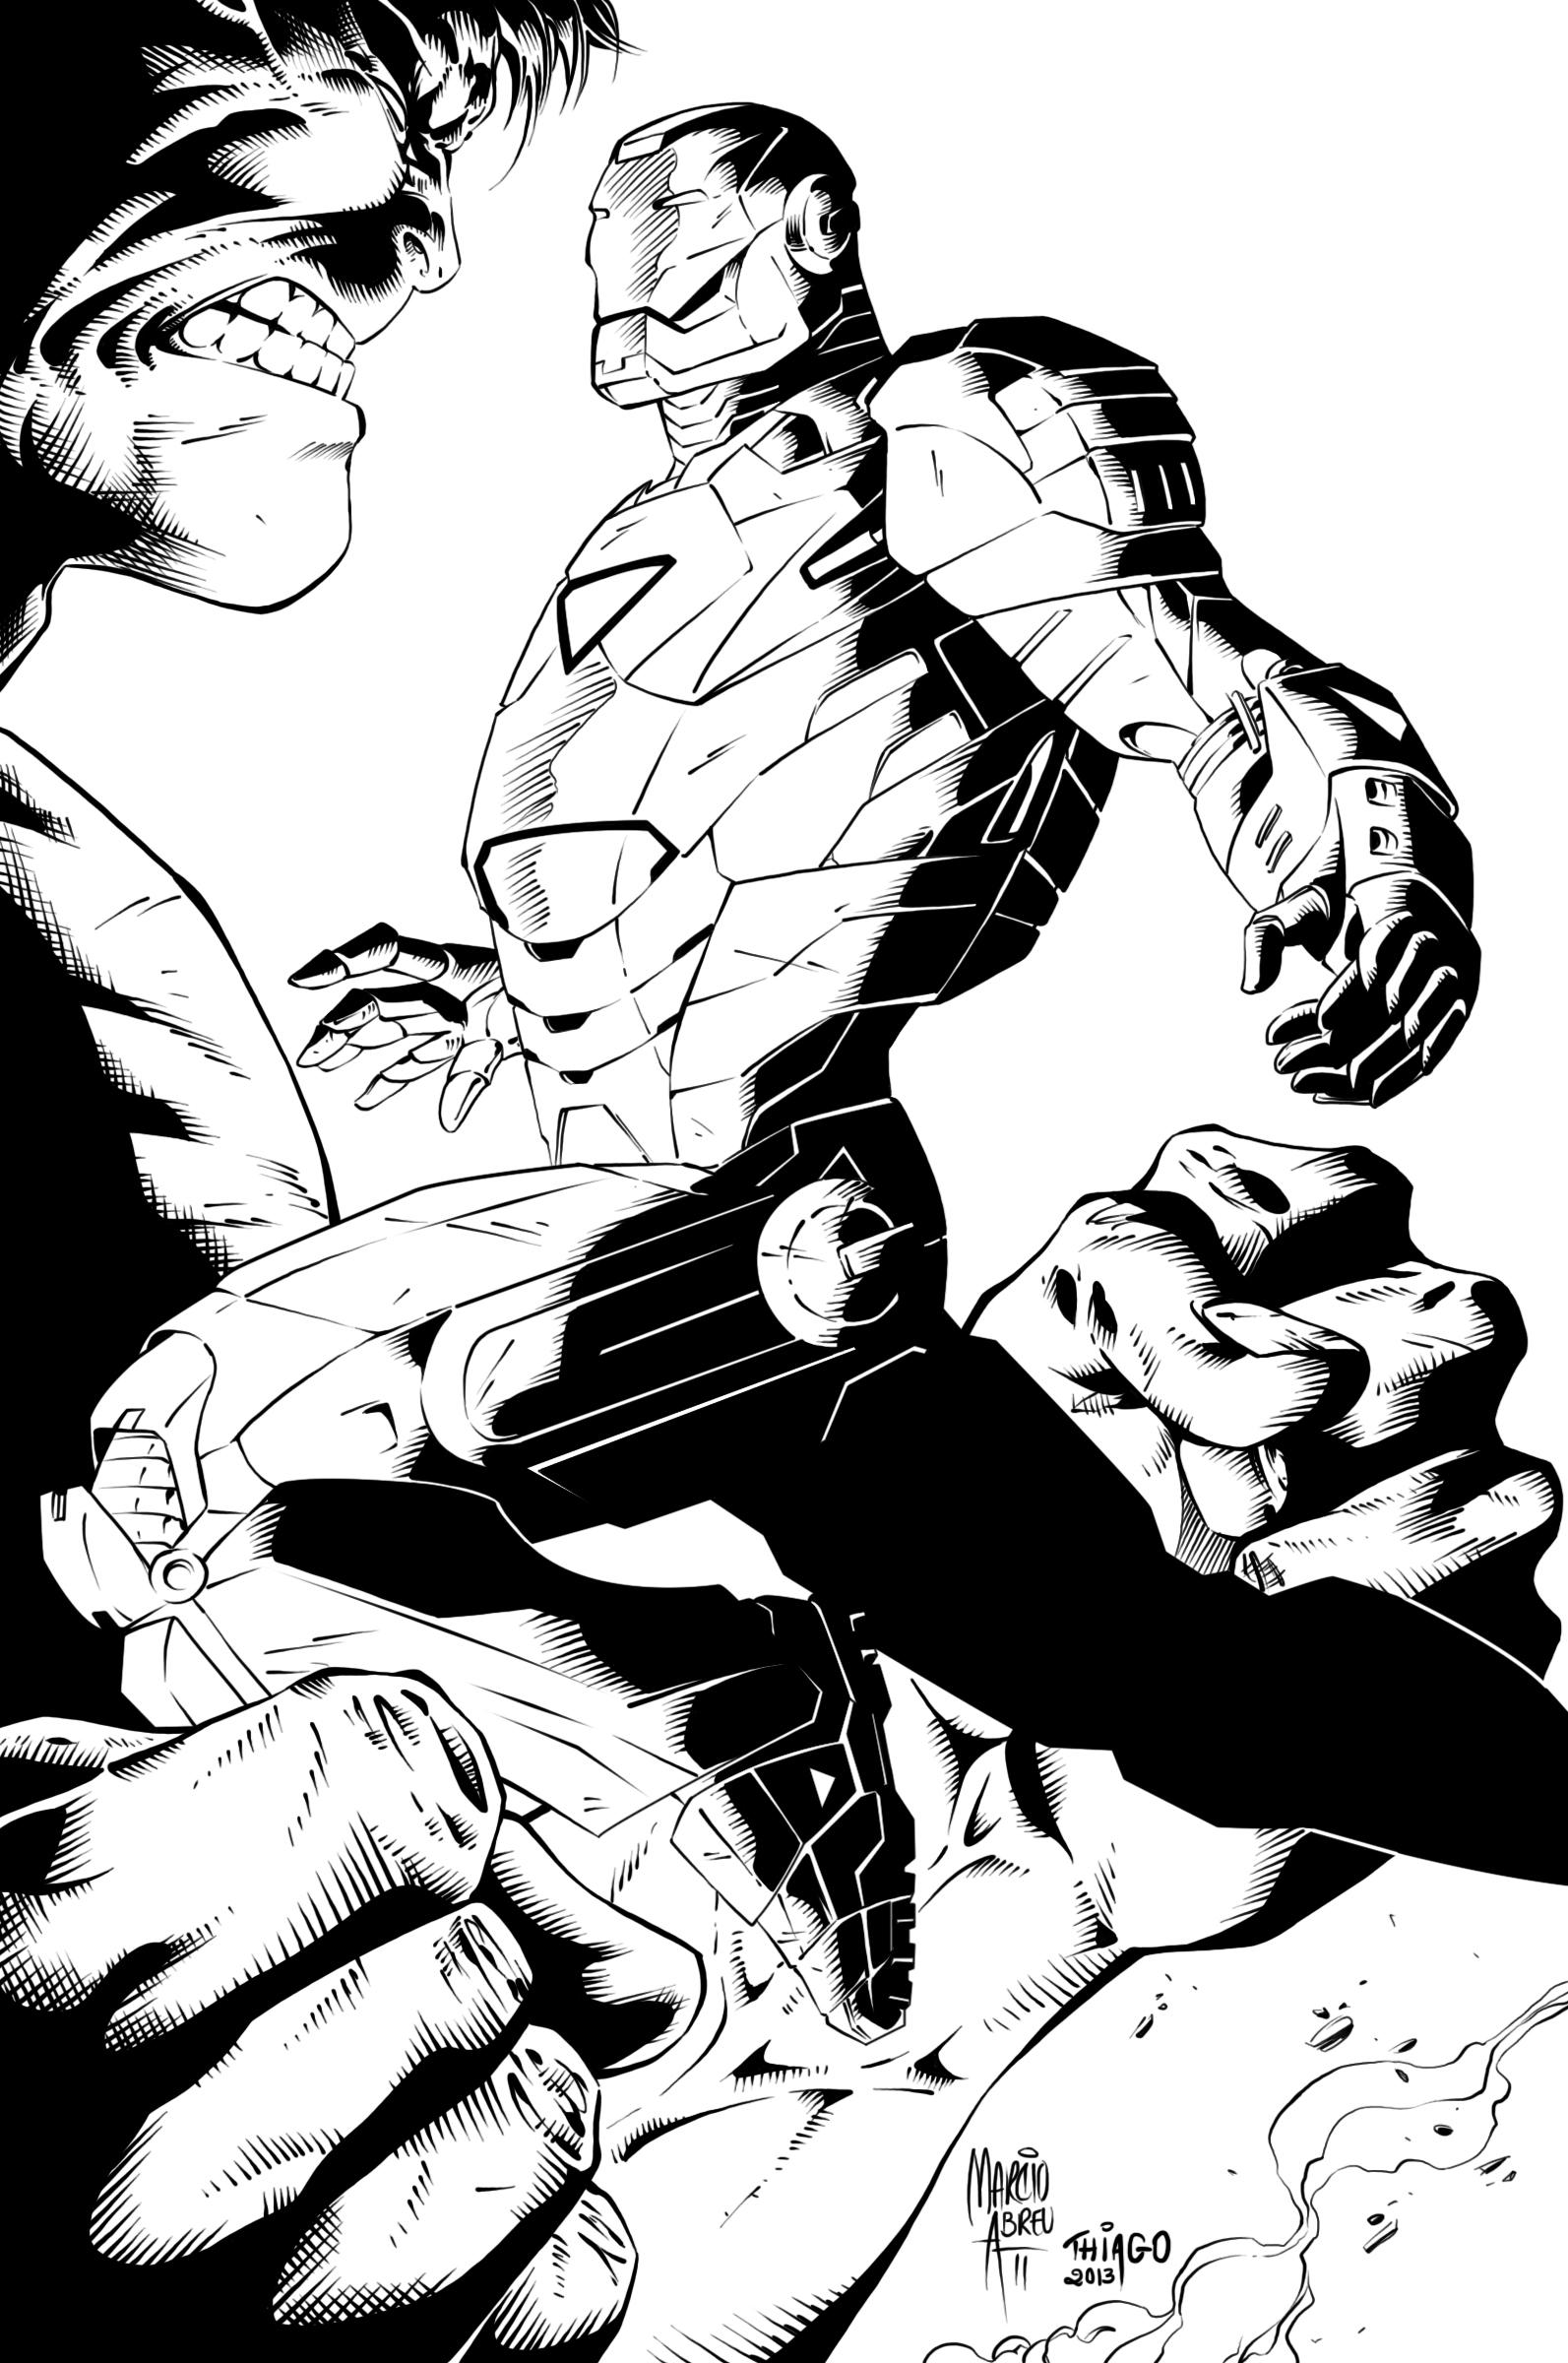 testing in digital ink manga studio 5: D by macacaralho on DeviantArt